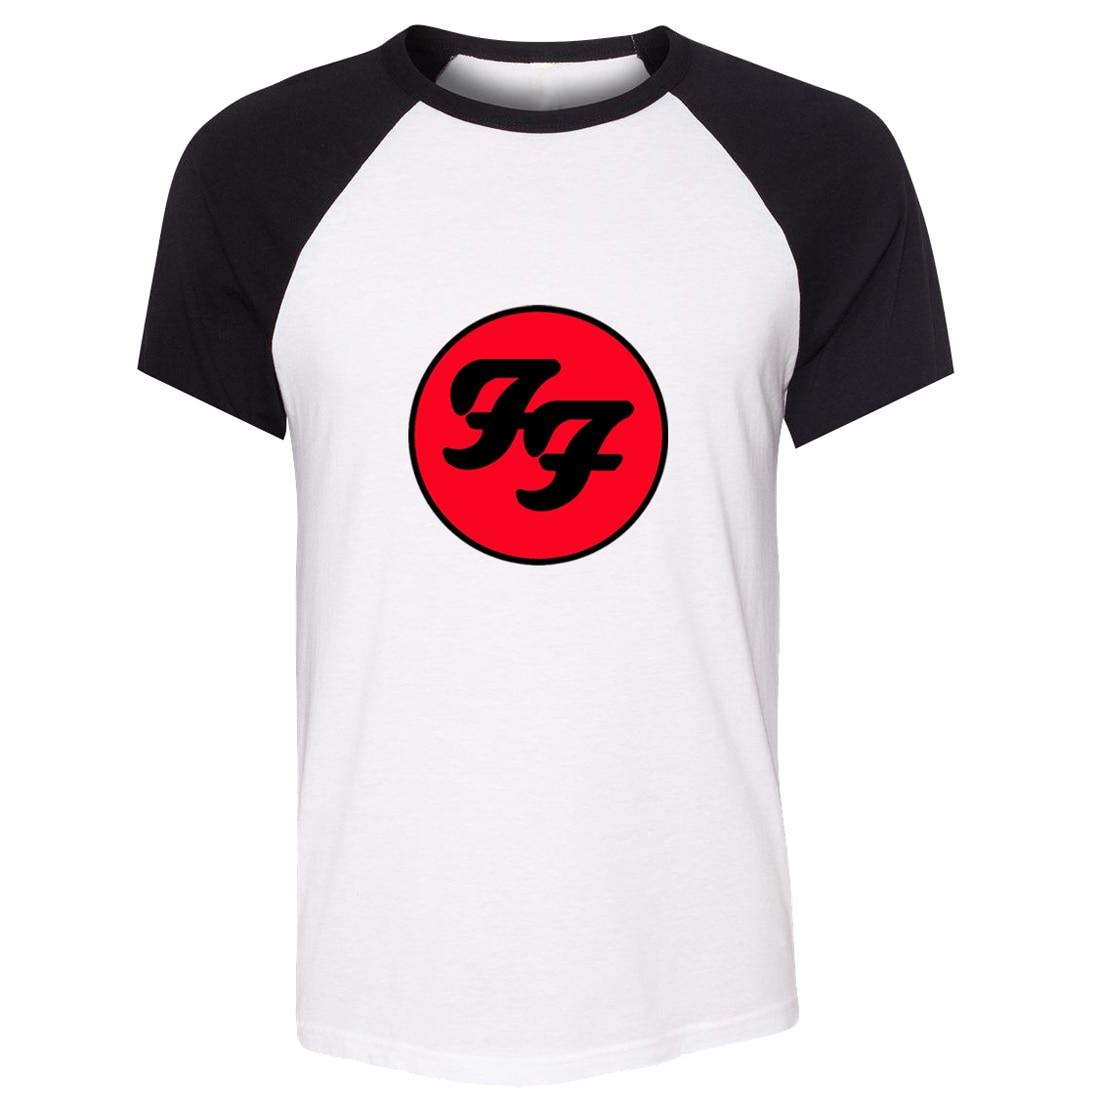 Camiseta unisex del verano de idzn Foo Fighters hard rock and roll band manga del raglán del diseño del patrón hombres camiseta casual camiseta Tops